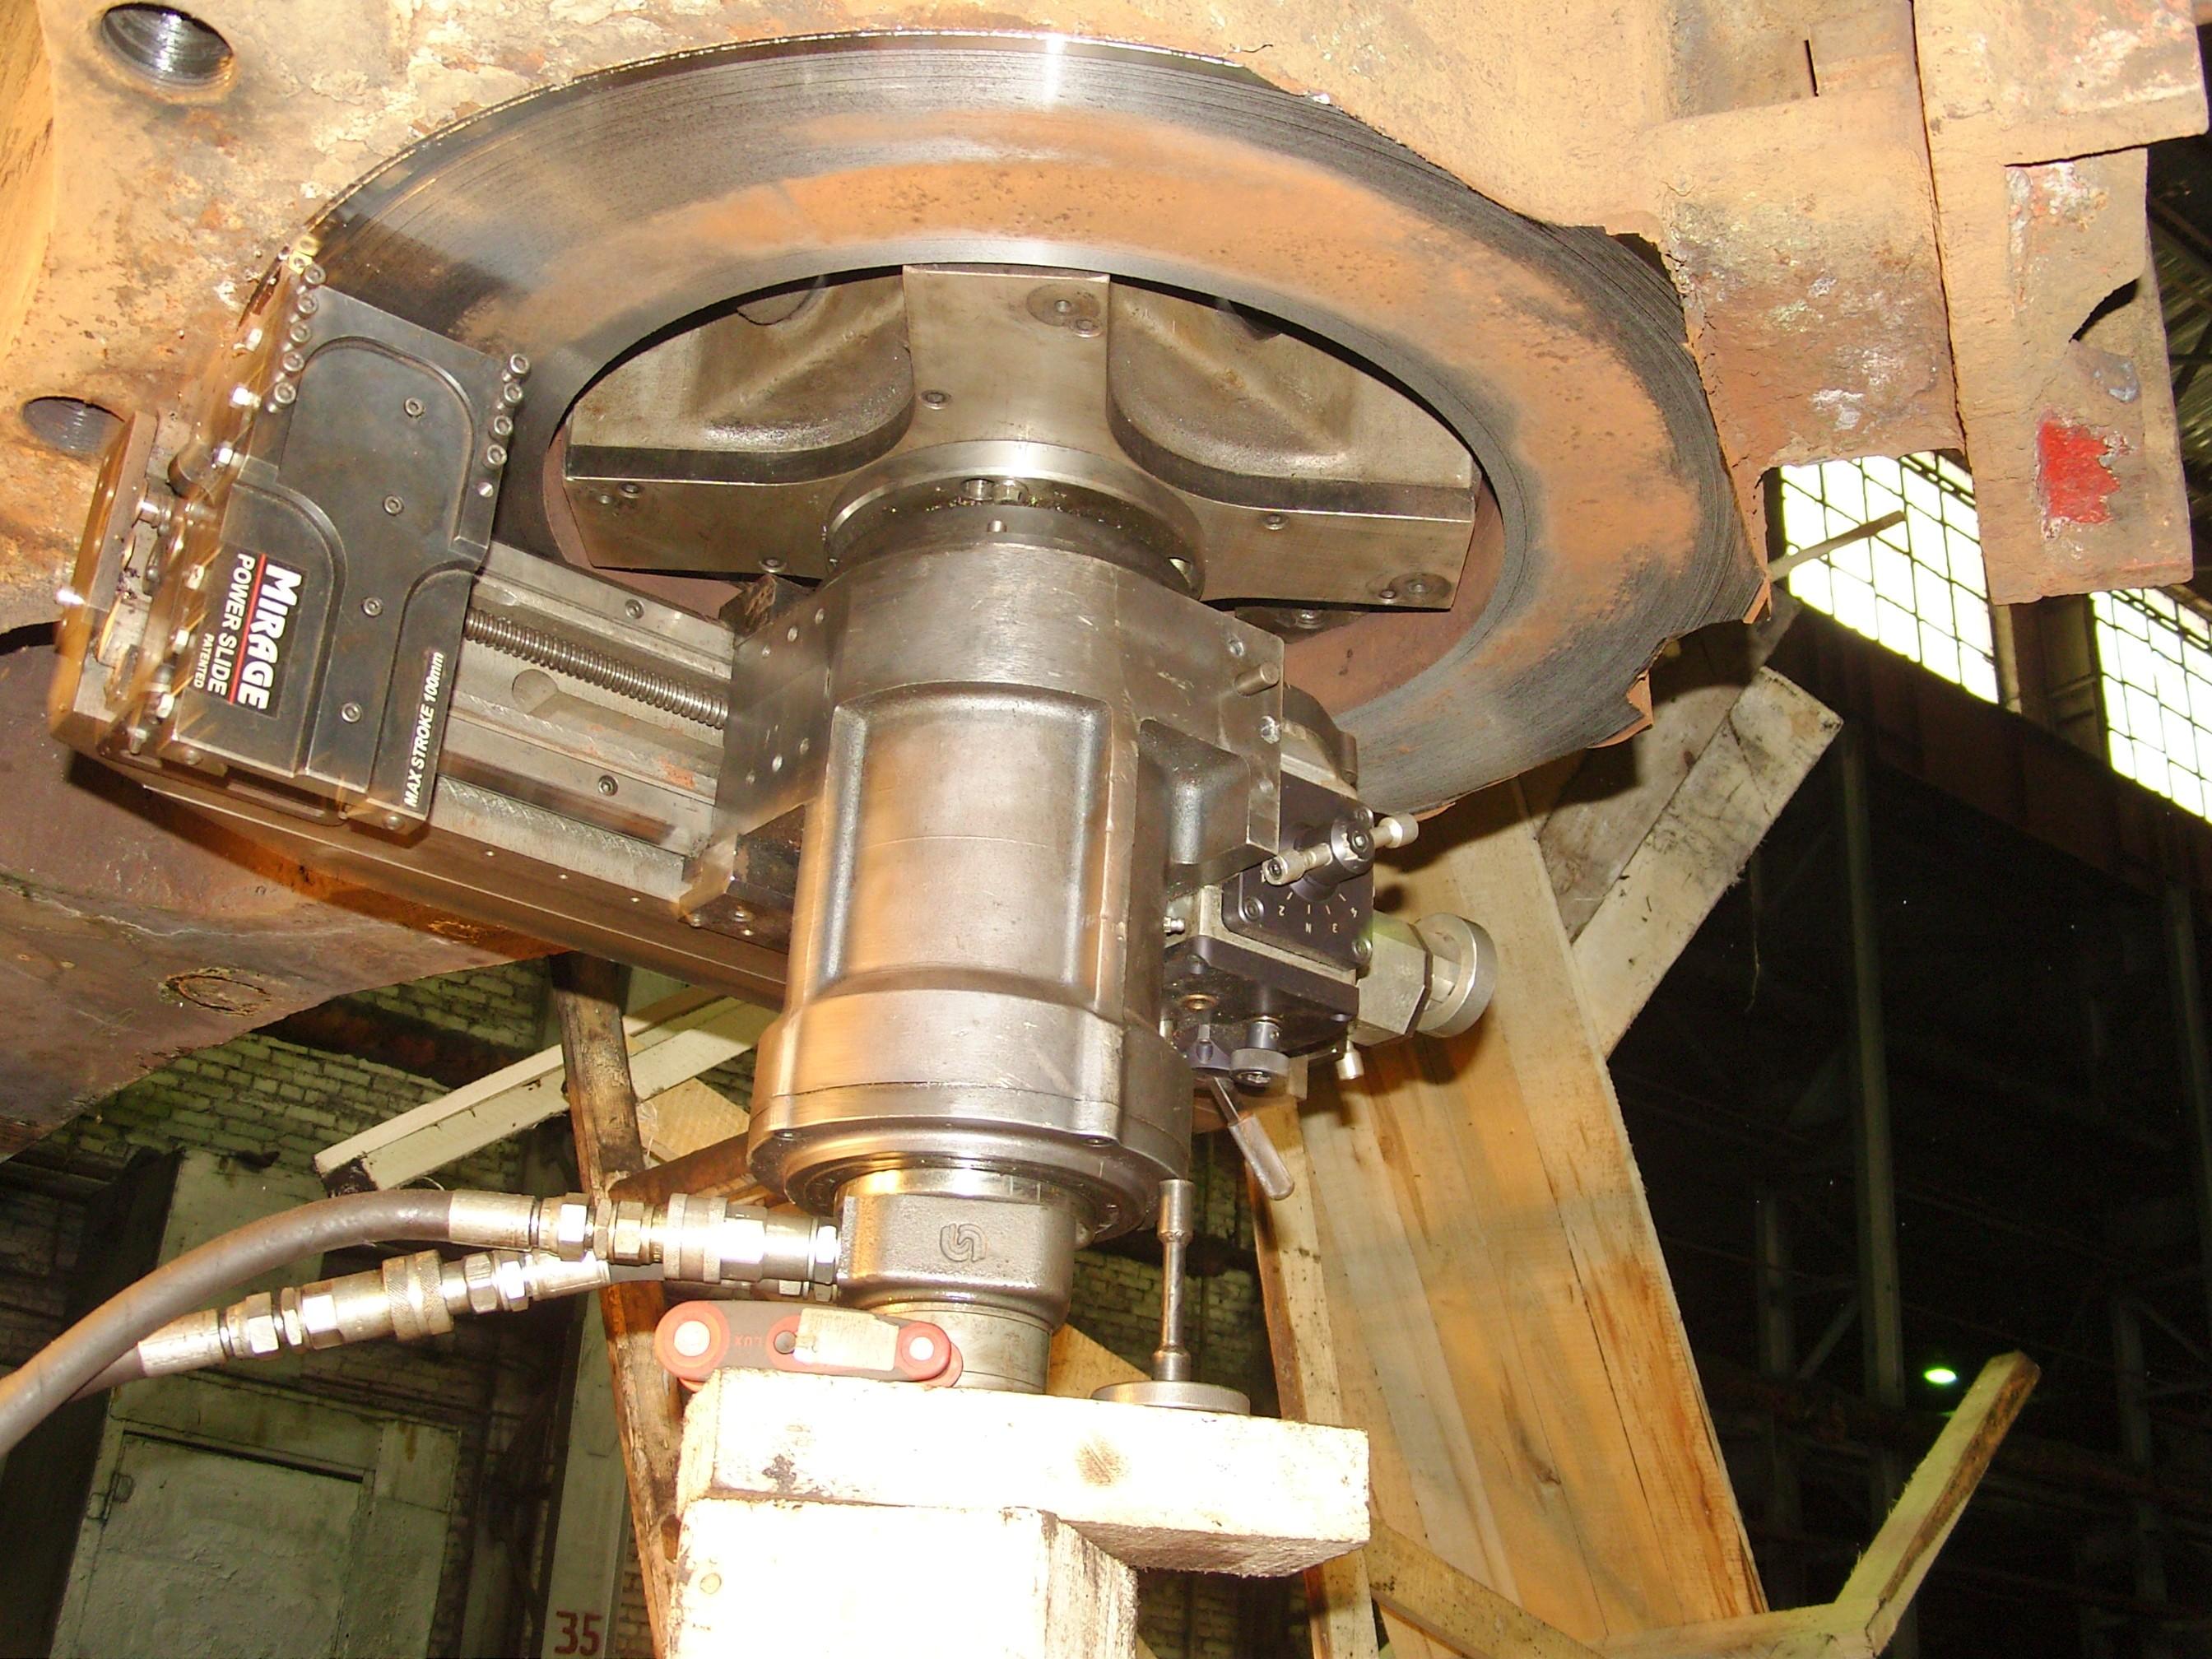 Торцовка контактной поверхности колонного стакана архитрава с гайкой колонны гидравлического ковочного пресса силой 40 МН (Германия) мобильным станком для обработки фланцев Mirage MM 1500i